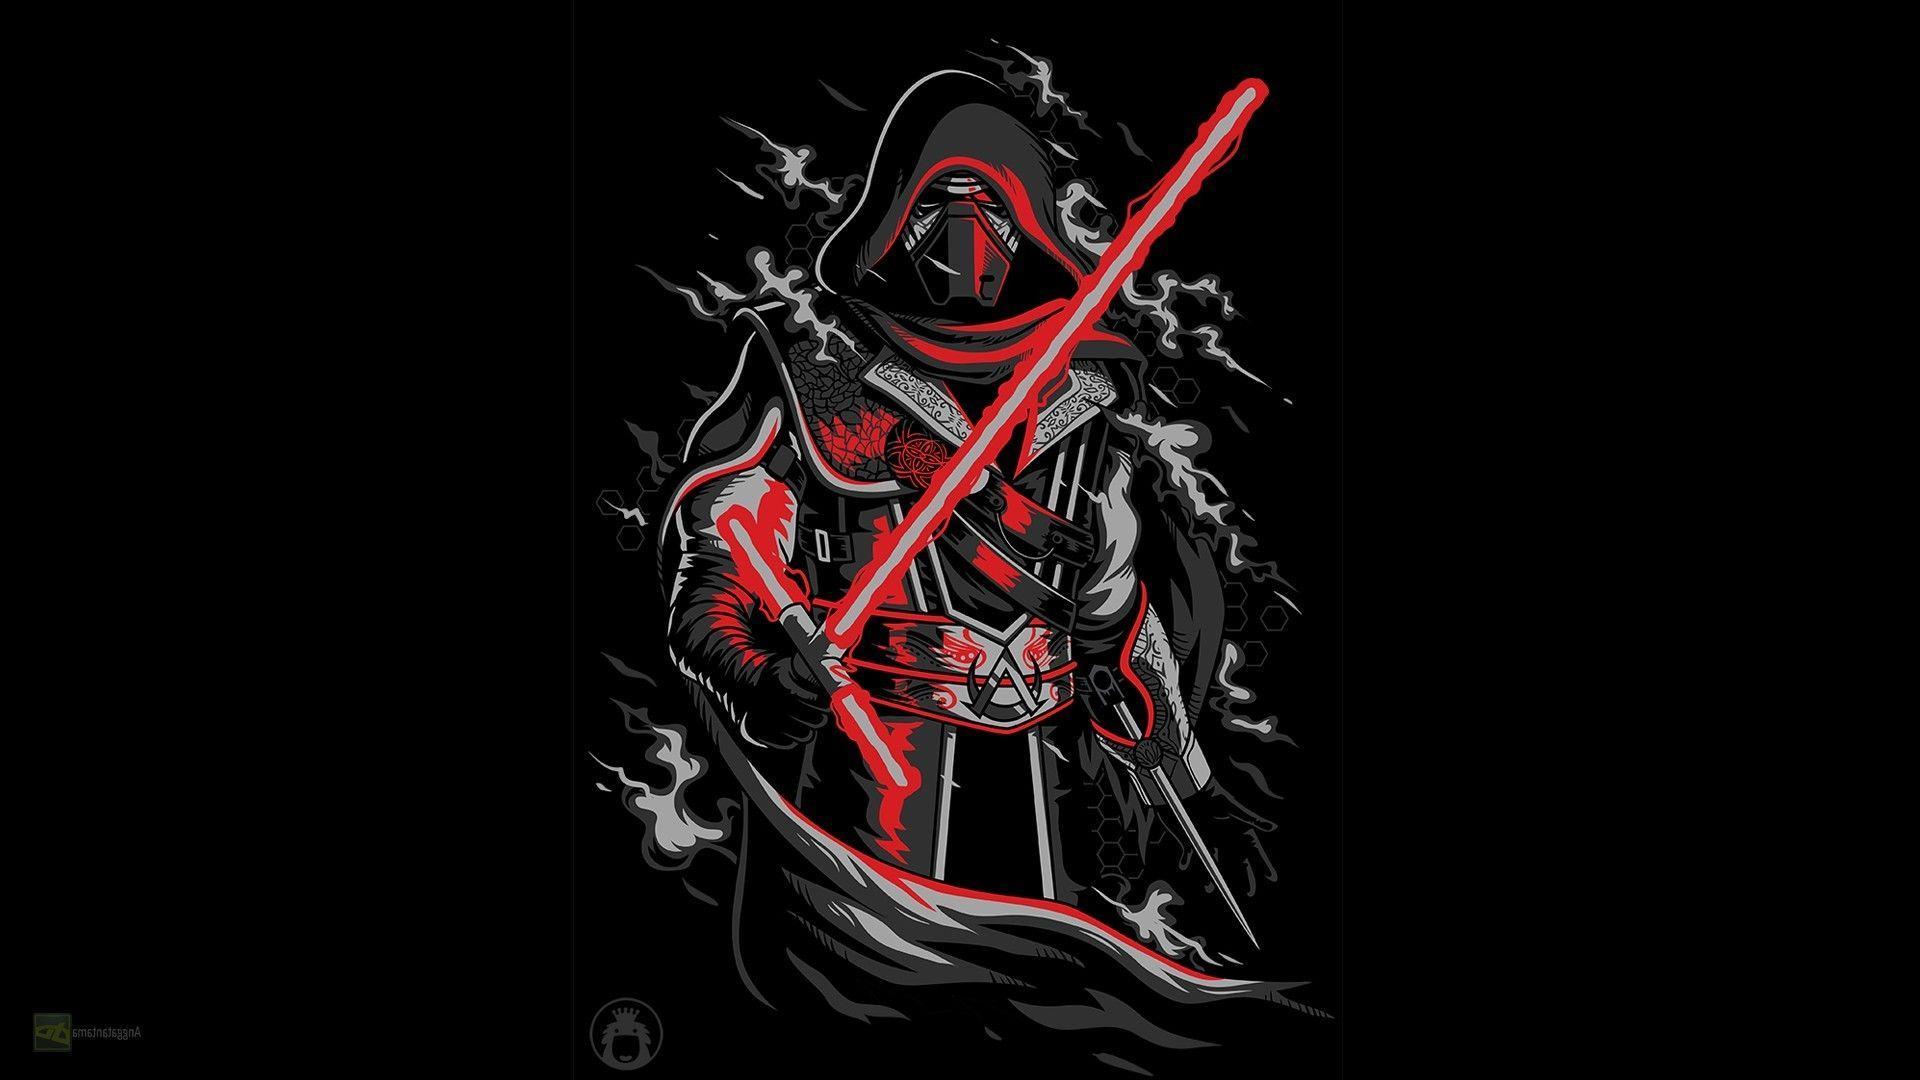 Star Wars Kylo Ren Wallpapers Top Free Star Wars Kylo Ren